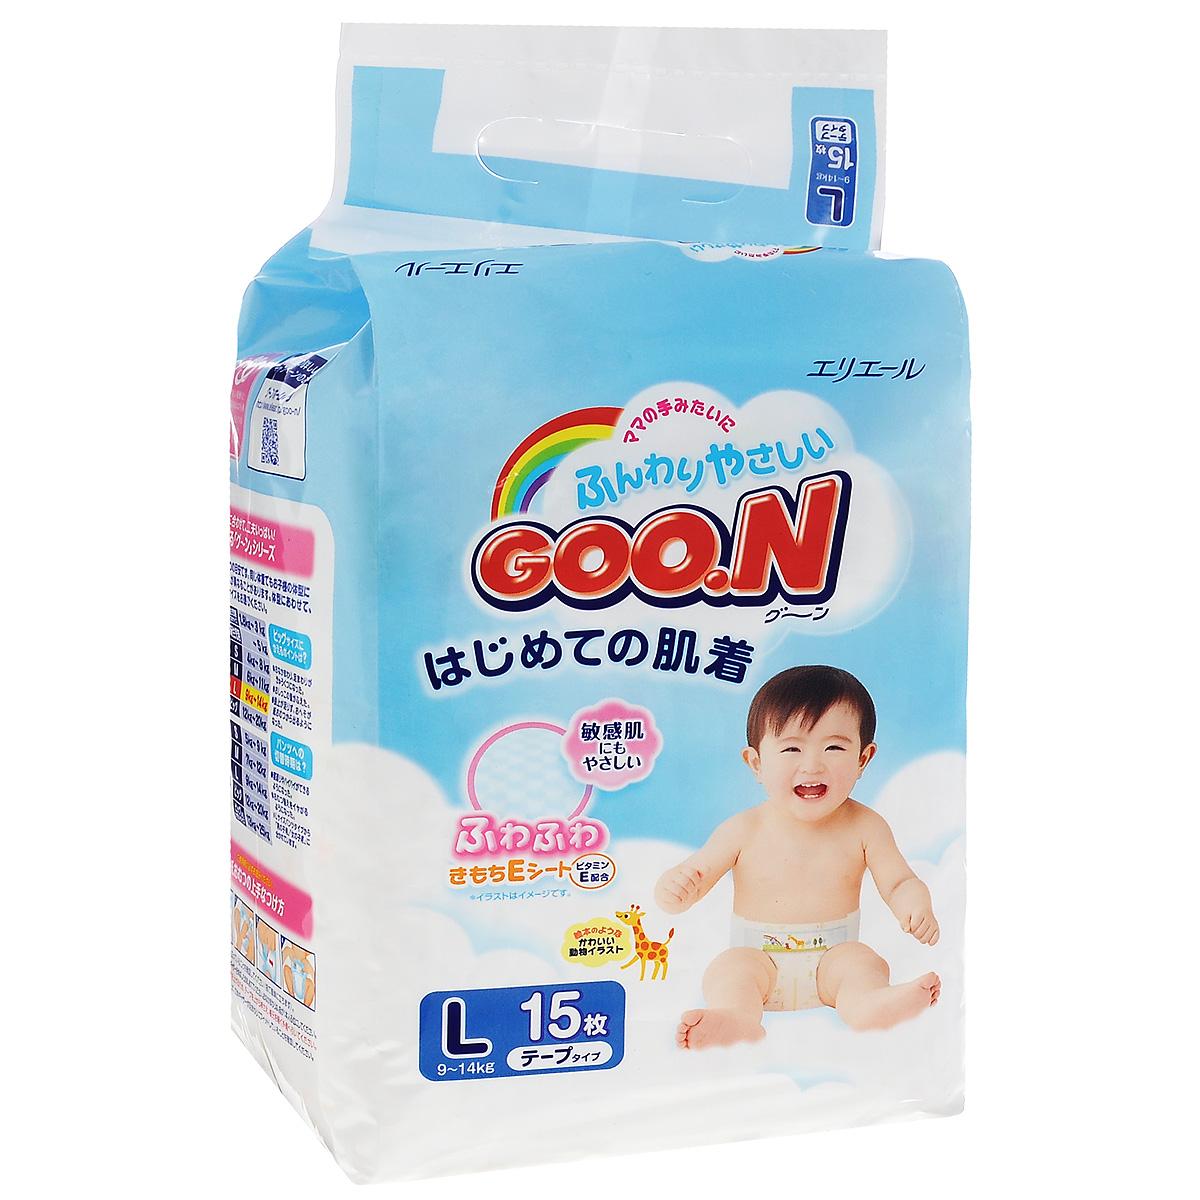 GOON Подгузники L, 9-14 кг, 15 шт753633Японские подгузники Goon изготавливаются только из высококачественных экологически чистых материалов, прошедших специальную обработку, и соответствуют всем санитарно-эпидемиологическим нормам. Невероятно мягкие и нежные подгузники моментально впитывают влагу и долго удерживают её внутри. Содержат натуральный витамин Е, который питает кожу и повышает её защитные функции. Подгузники прекрасно пропускают воздух, предотвращая появление опрелостей. Особенности: Нежно касаются кожи и сидят как обычное бельё. Подходит для чувствительной кожи. 3D рельеф сокращает площадь подгузника, которая касается кожи малыша, исключая опрелости. Жидкий стул впитывается в углубления. Содержит витамин Е. Нежное касание, благодаря воздуху, который задерживается между слоями. Без протеканий на спинке, благодаря резинке на поясе подгузник плотно прилегает. Дышащий внешний слой. Микропоры внешнего слоя пропускают воздух к...